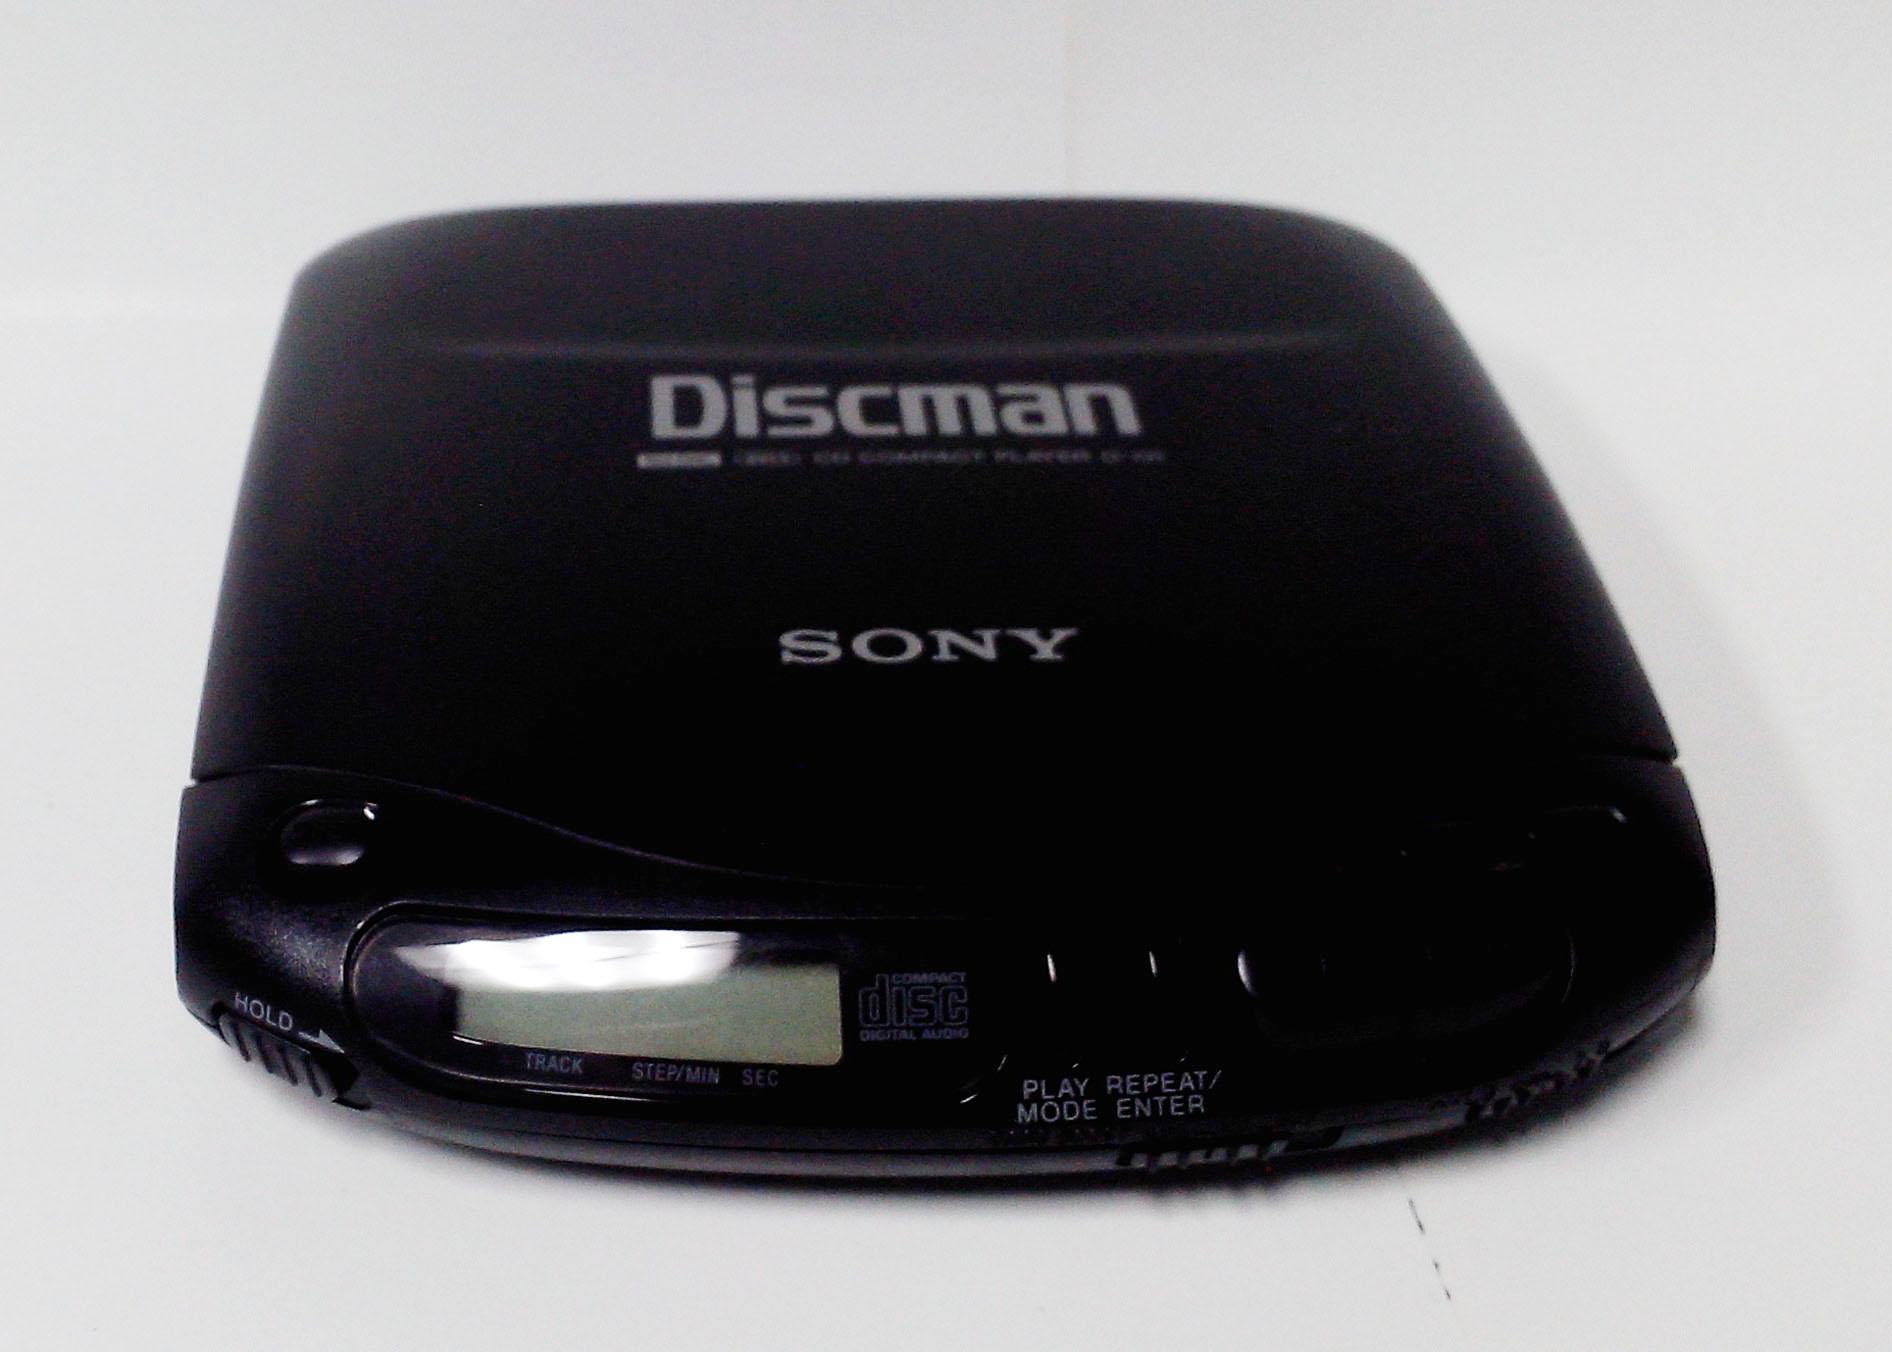 ขายแล้ว Sony D-131 มือสอง สภาพดี